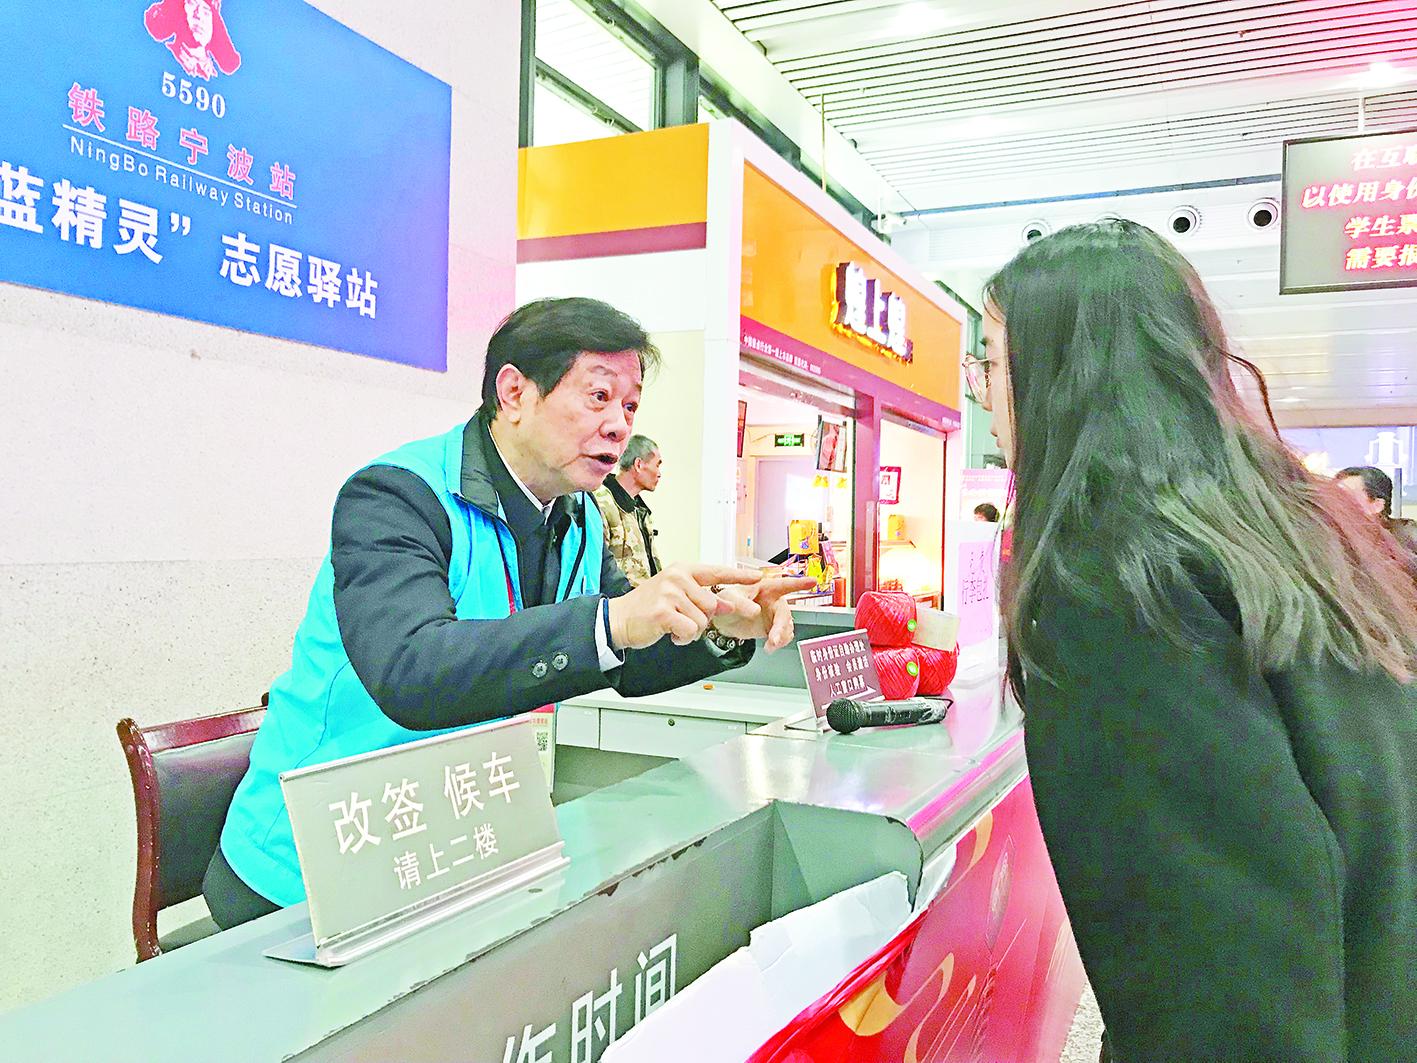 """""""能为家乡做点事,是我的幸福"""" 美籍华人陆连国在甬乐当志愿者"""